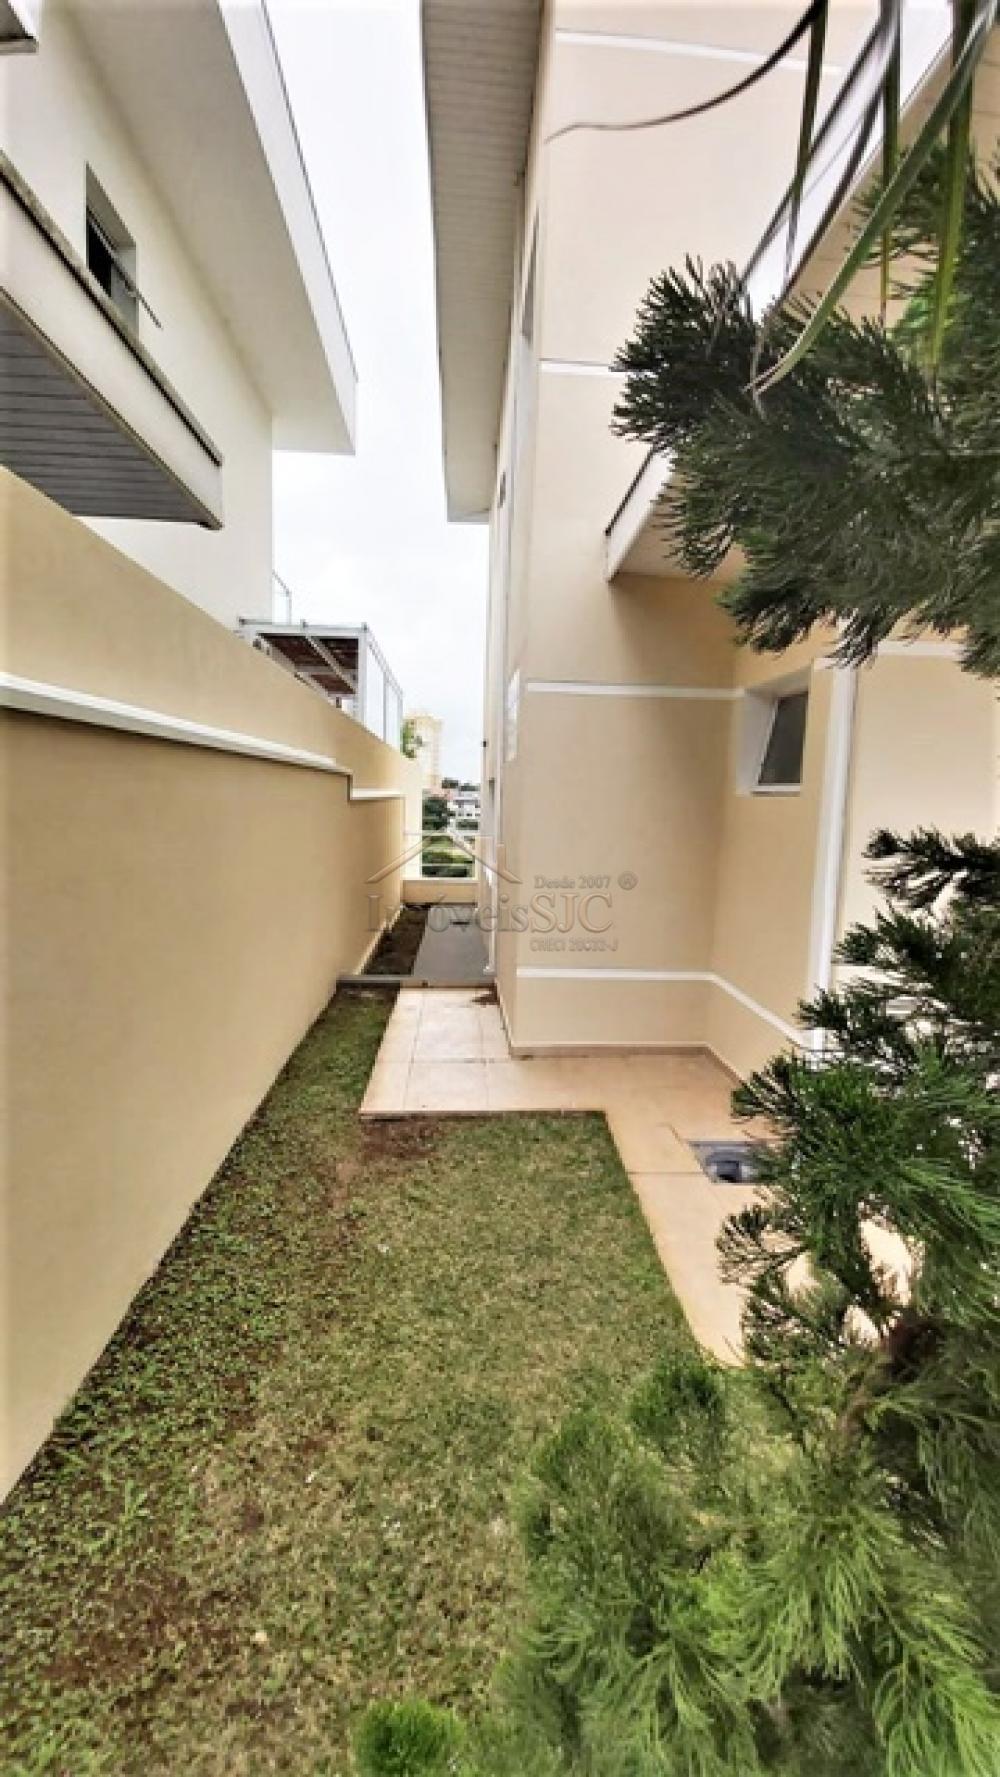 Alugar Casas / Condomínio em São José dos Campos apenas R$ 3.900,00 - Foto 2